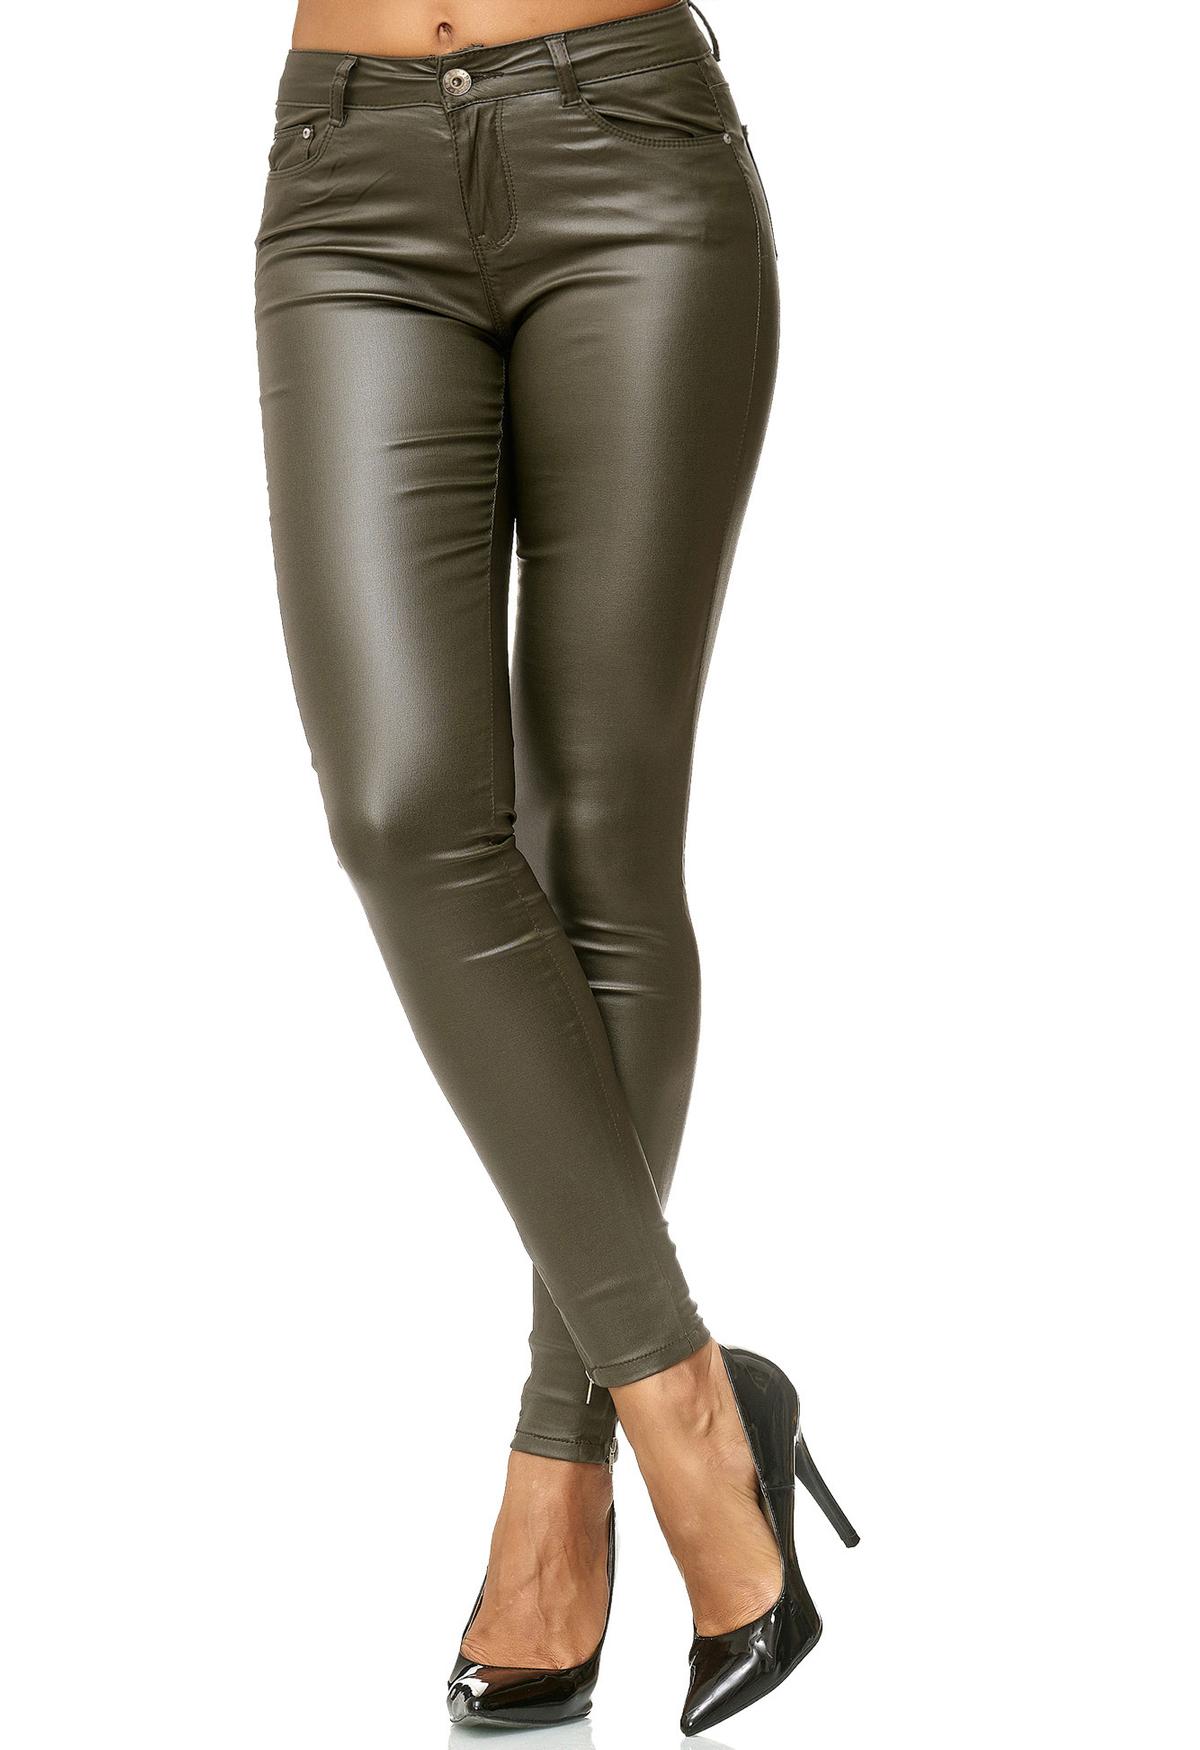 Damen Leder Hose Biker Pants Treggings Röhre Kunstlederhose Skinny Lederoptik | eBay